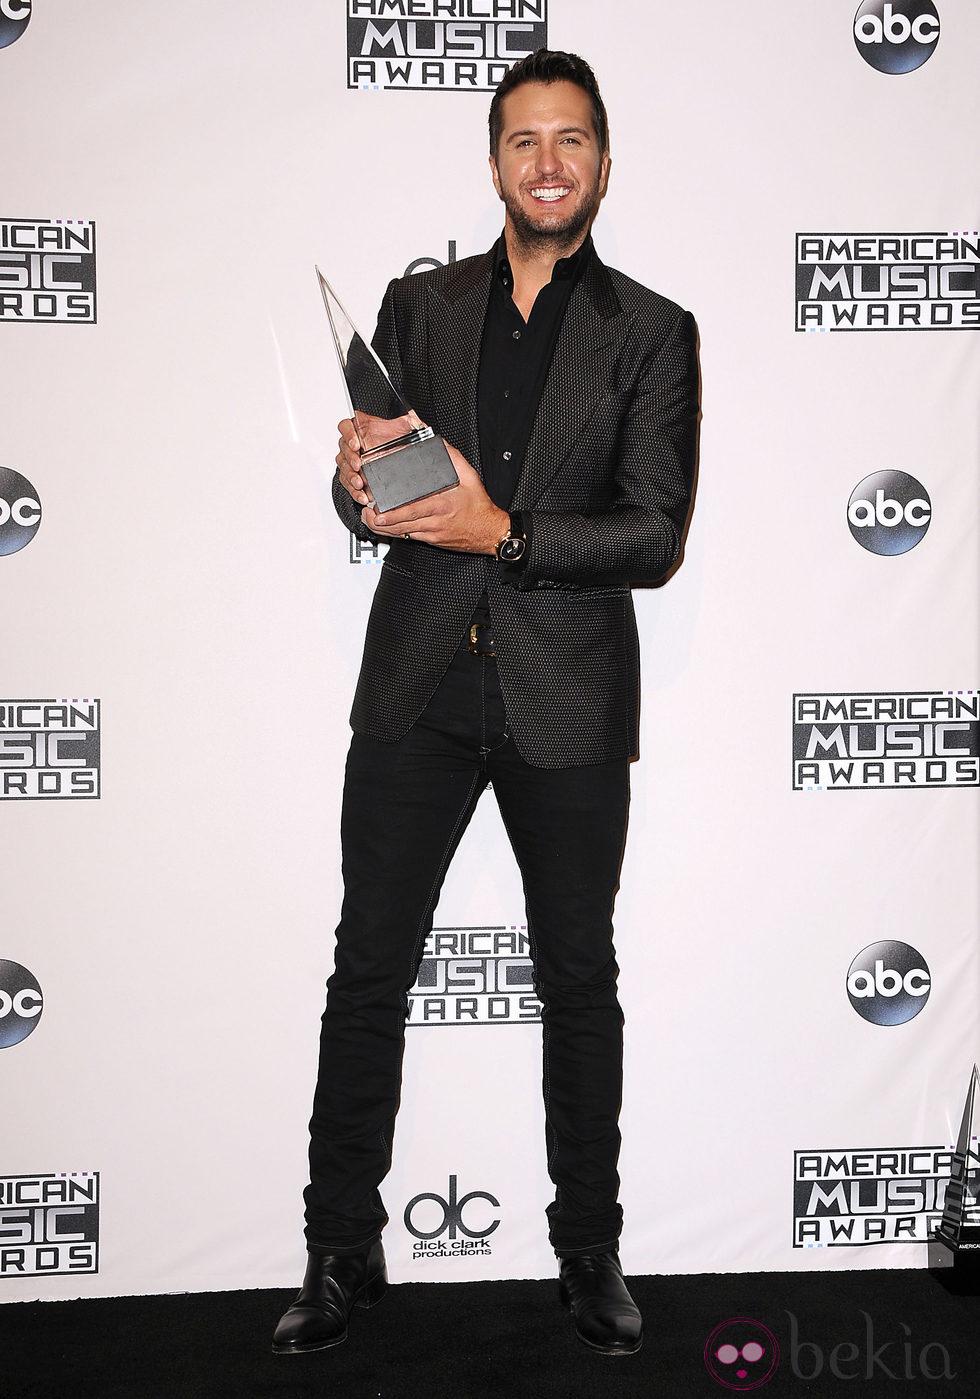 Luke Bryan con su galardón de los American Music Awards 2014